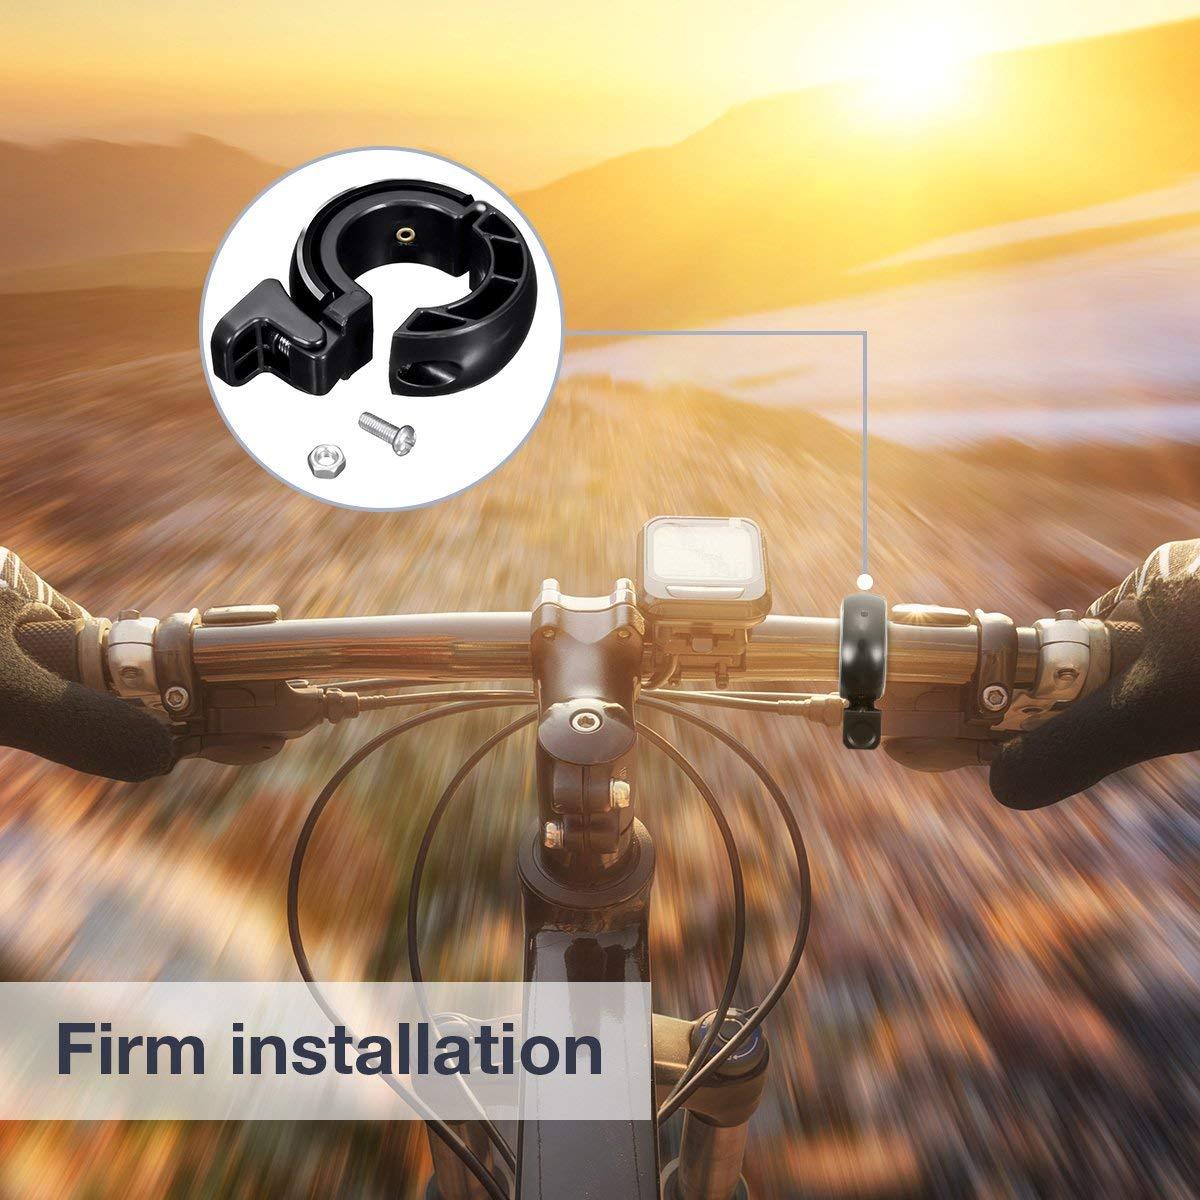 Mini Aluminiumlegierung Innovative Fahrrad Ring Q Bell Radfahren Fahrrad Klingel Glocke MTB Mountainbike Alarm Horn Ring f/ür 22.2-24mm Lenker SGODDE Fahrradklingel,O Design Fahrradglocke Laut